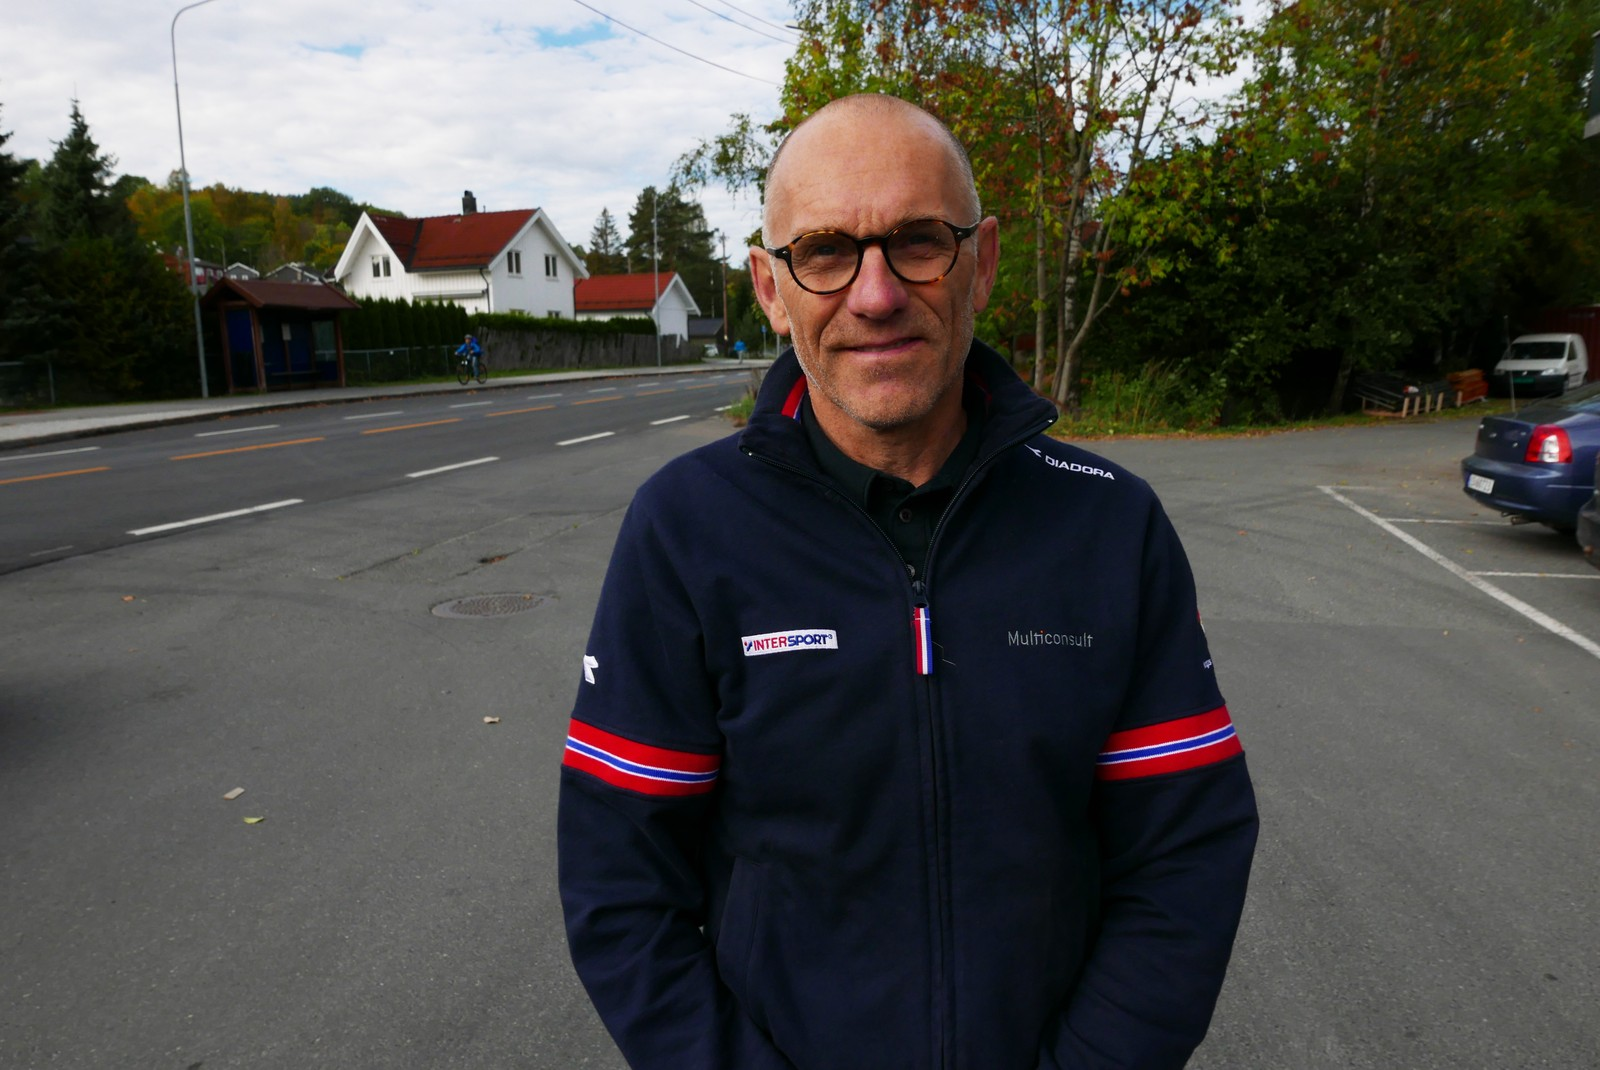 DELTAR: Norges Cykleforbund vil også være til stedet på markeringen. Syklister er ekstra utsatt i trafikken, sier generalsekretær Bjørn Sætre.